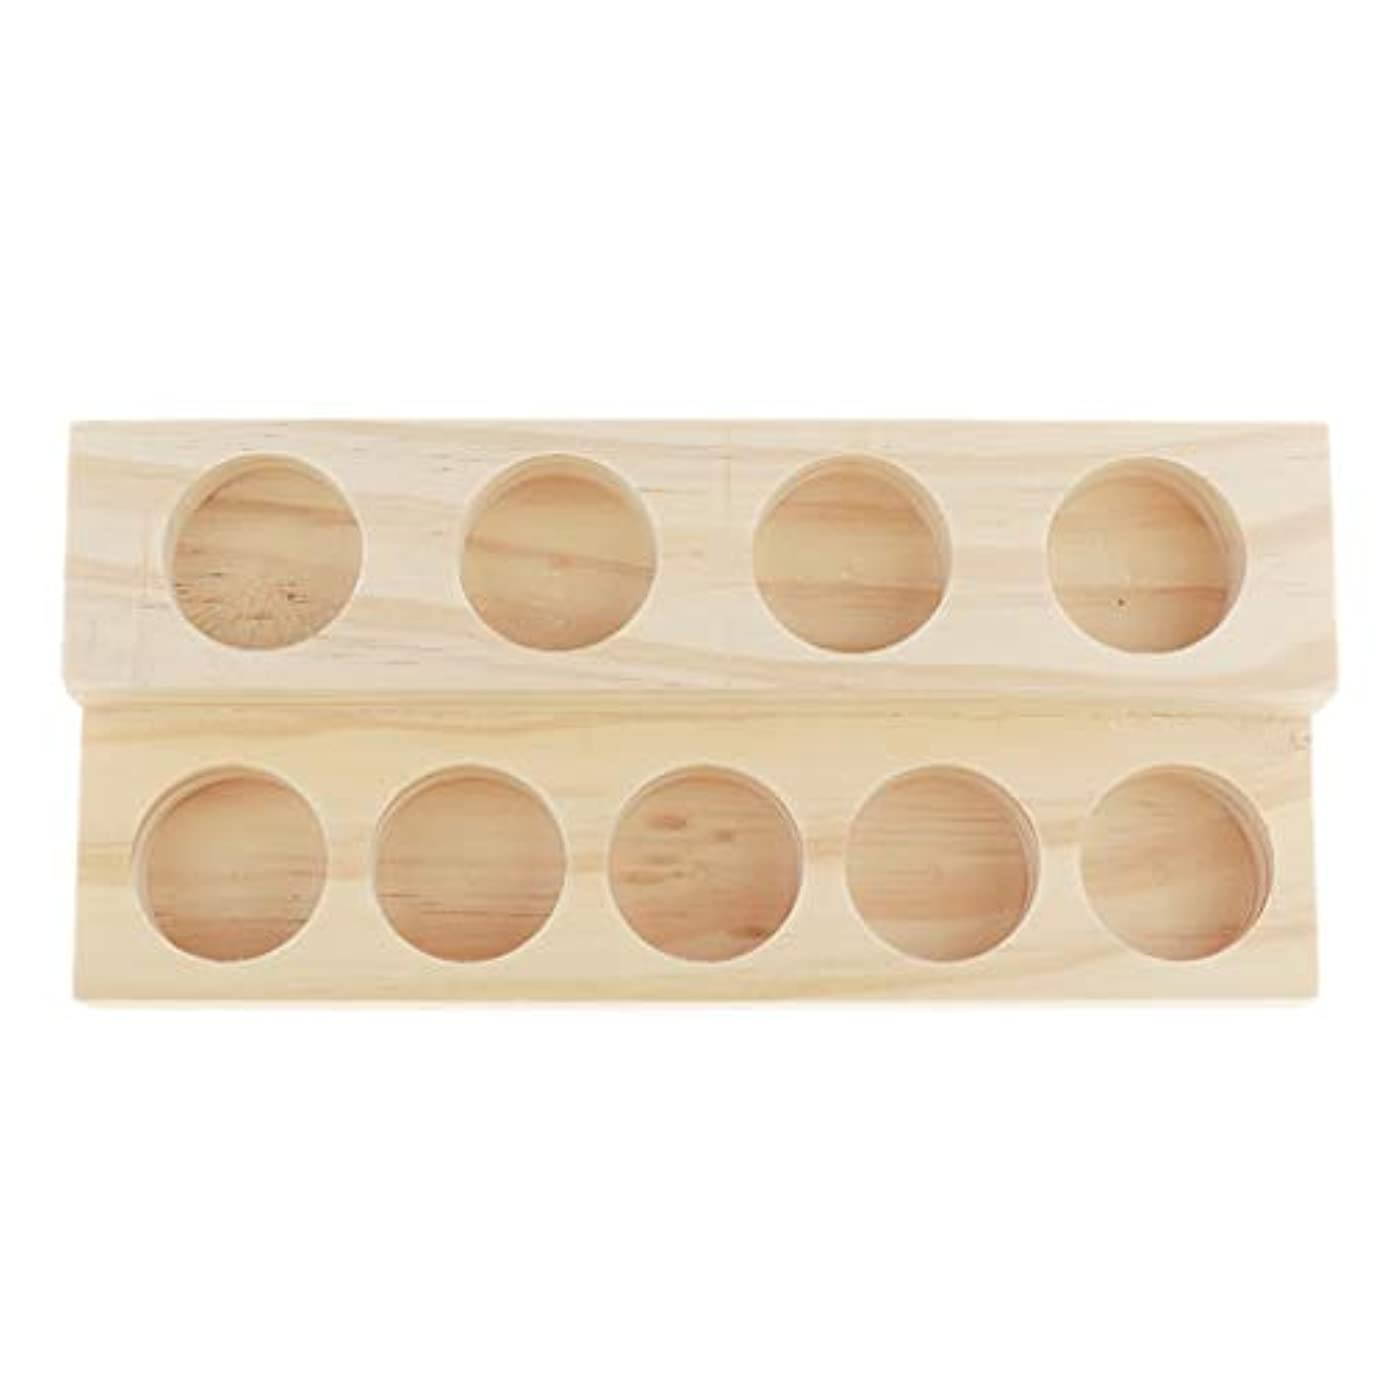 十分風干し草エッセンシャルオイル 香水 精油 ディスプレイ ホルダー 陳列 コレクション 木製